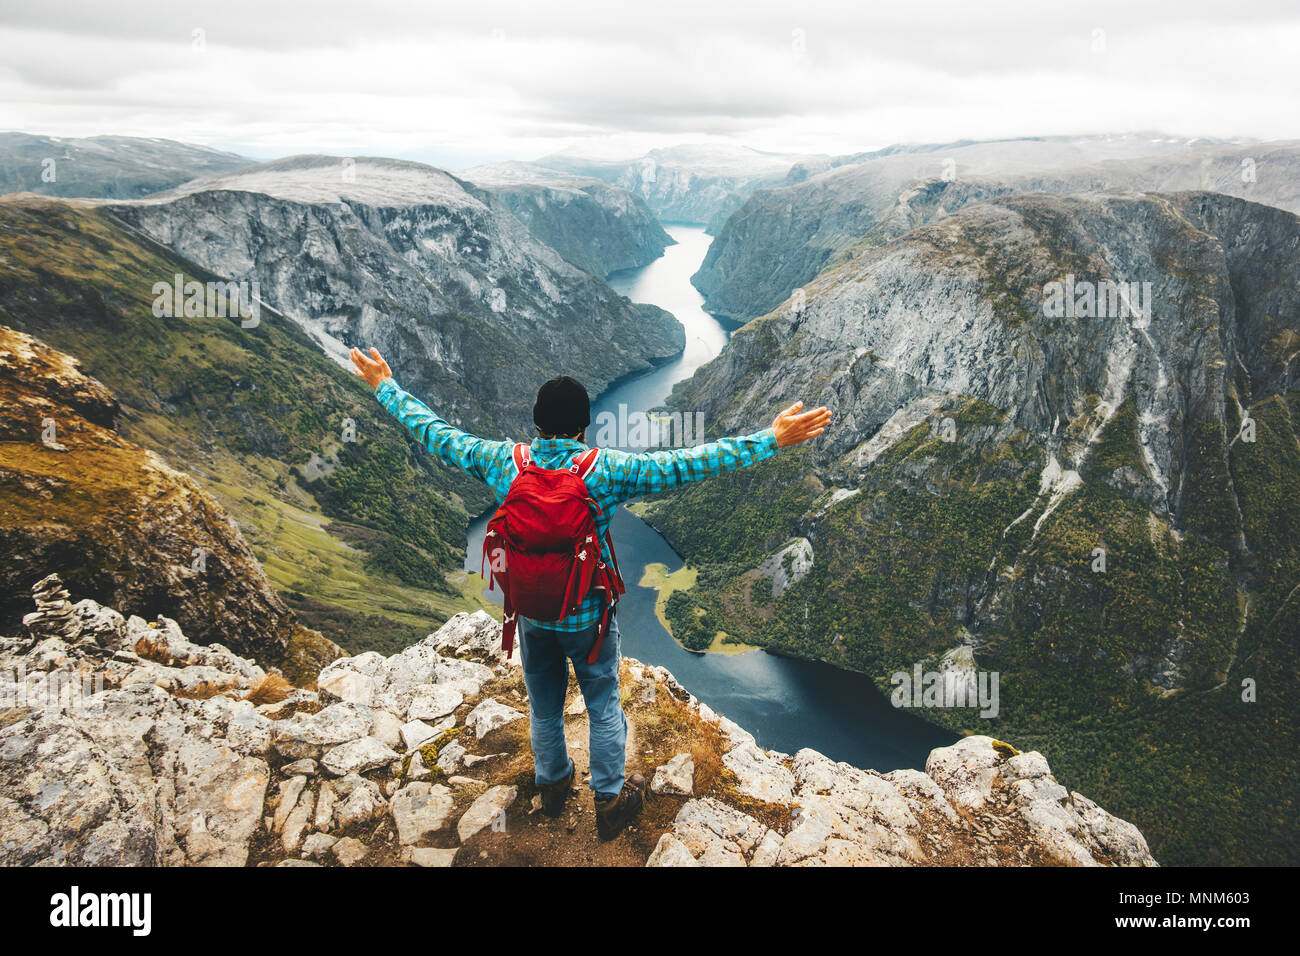 Glückliche Menschen Backpacker auf Berggipfel in Norwegen Lifestyle Reisen Abenteuer aktiv Urlaub oben Naeroyfjord Erfolg wellness Gesund lif Reisen Stockbild